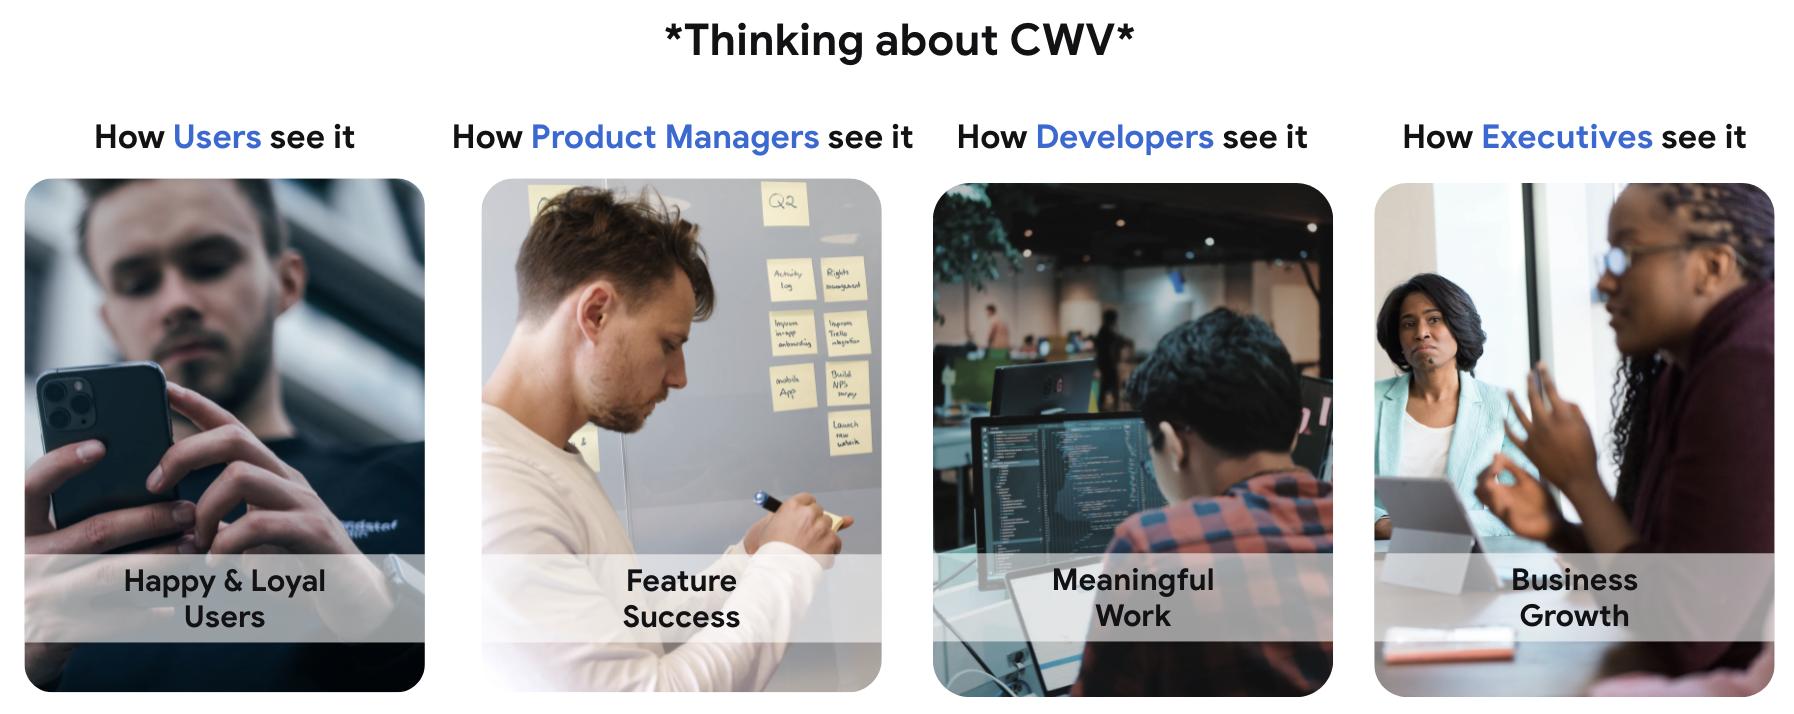 CWV について考える